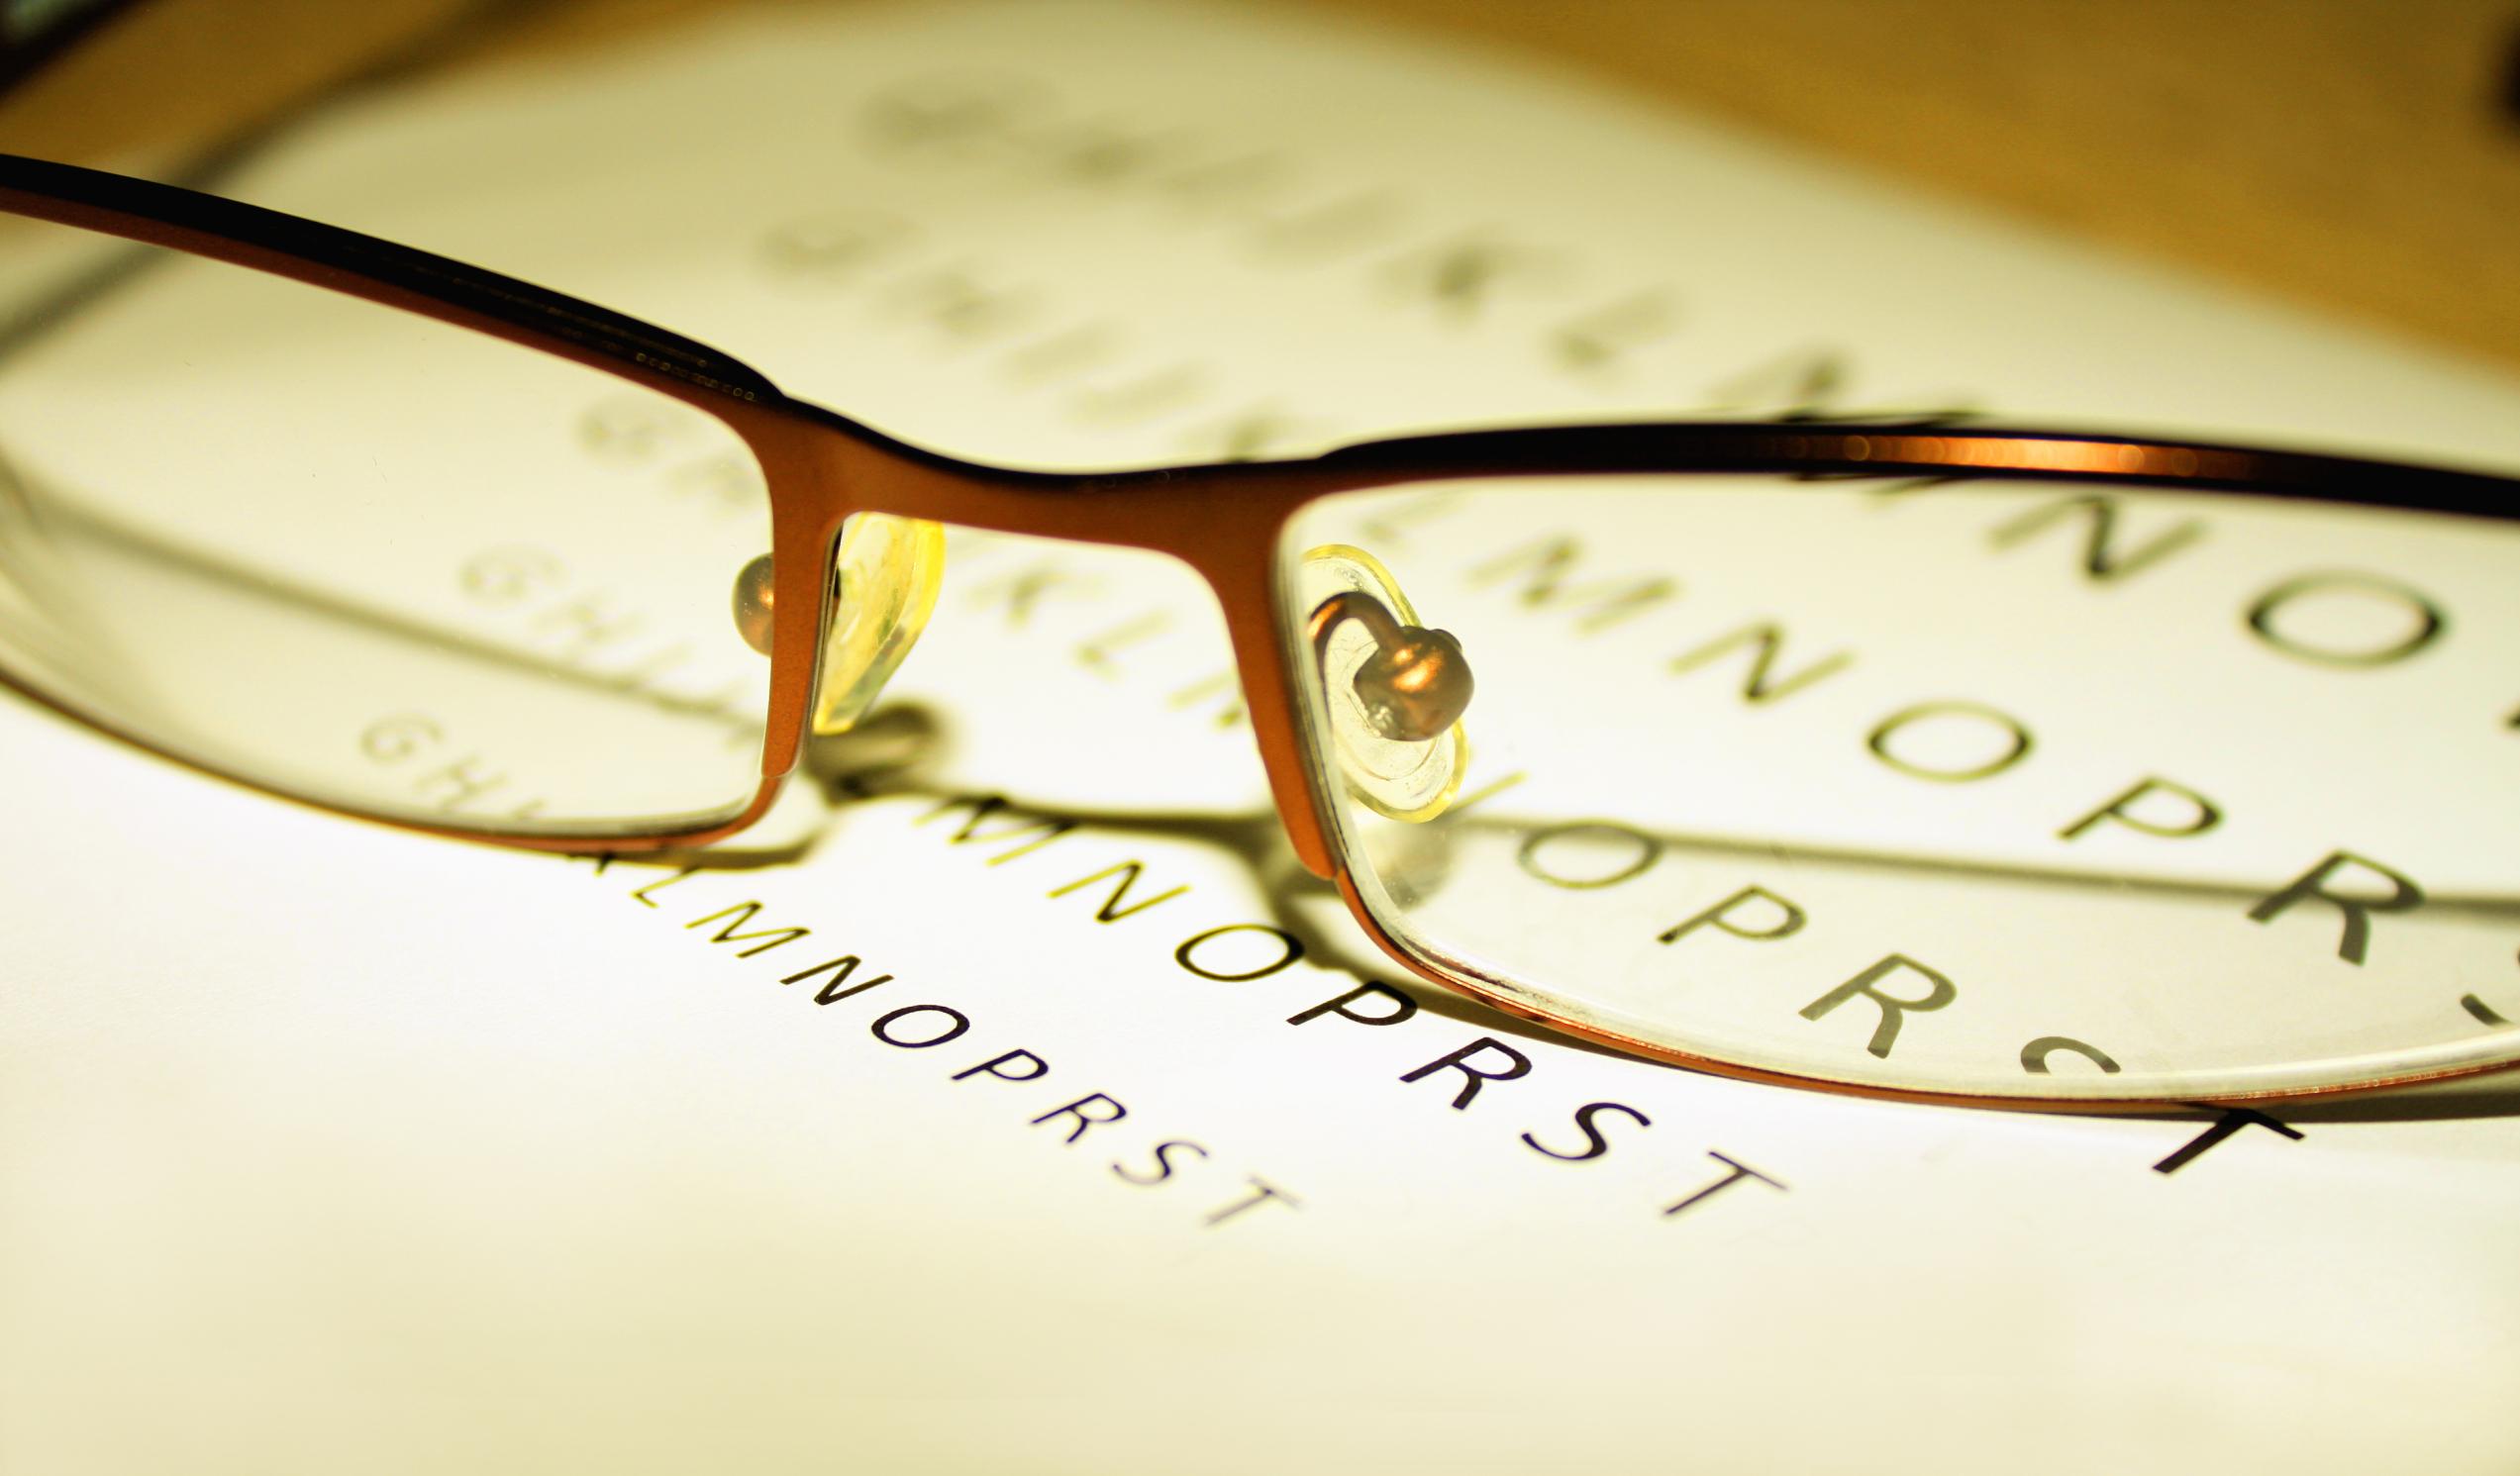 2 tulburări de vedere viziune minus 60